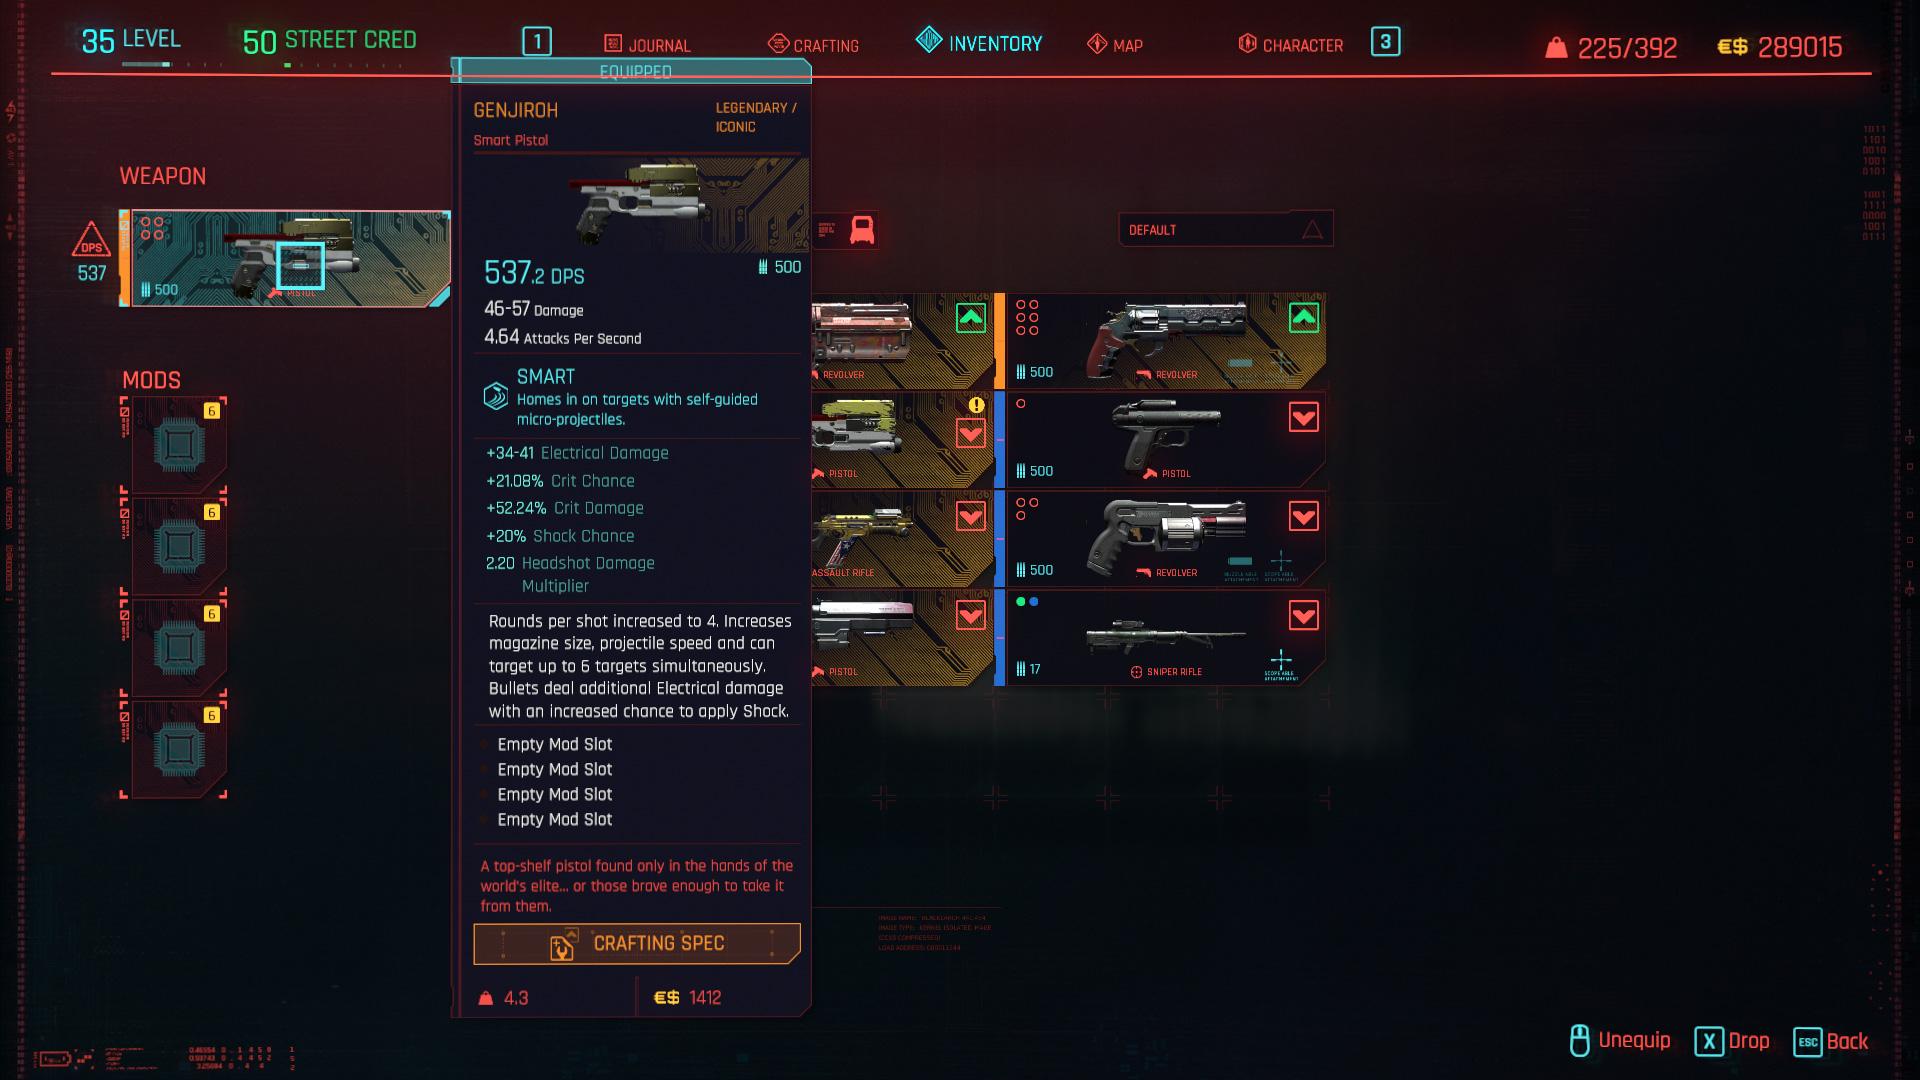 Meilleurs pistolets dans Cyberpunk 2077 et comment les obtenir Genjiroh